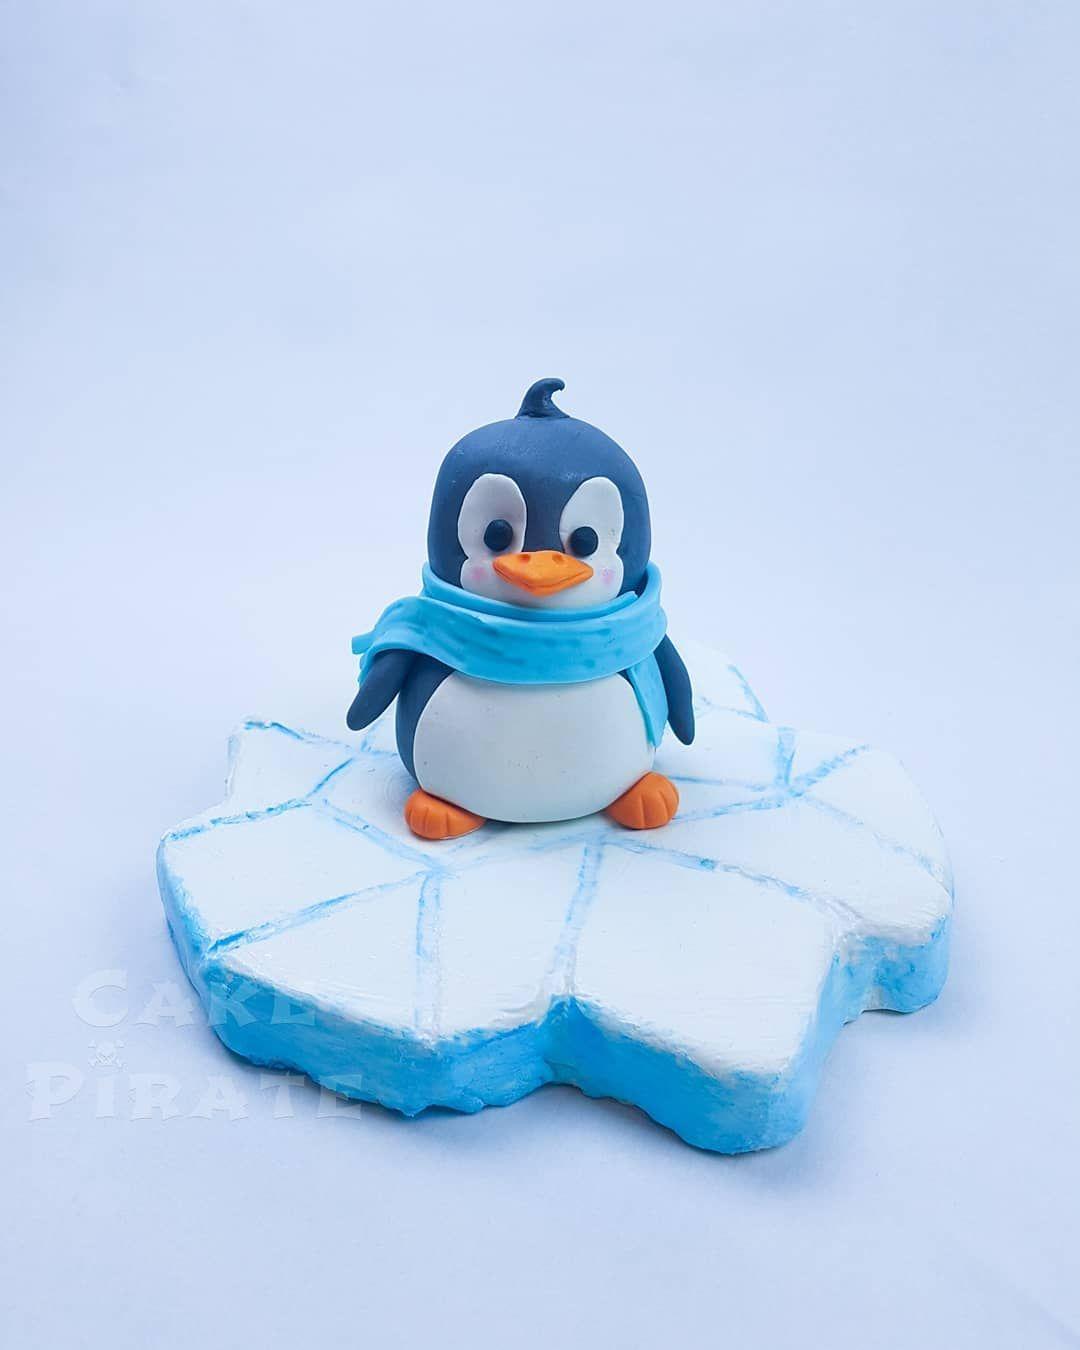 """Cake Pirate on Instagram: """"Penguinlove! Little Cake topper for our friends sons birthday. ❤ Pingulove! Ein kleiner Pinguin-Topper für die Geburtstagstorte des süßen…"""""""